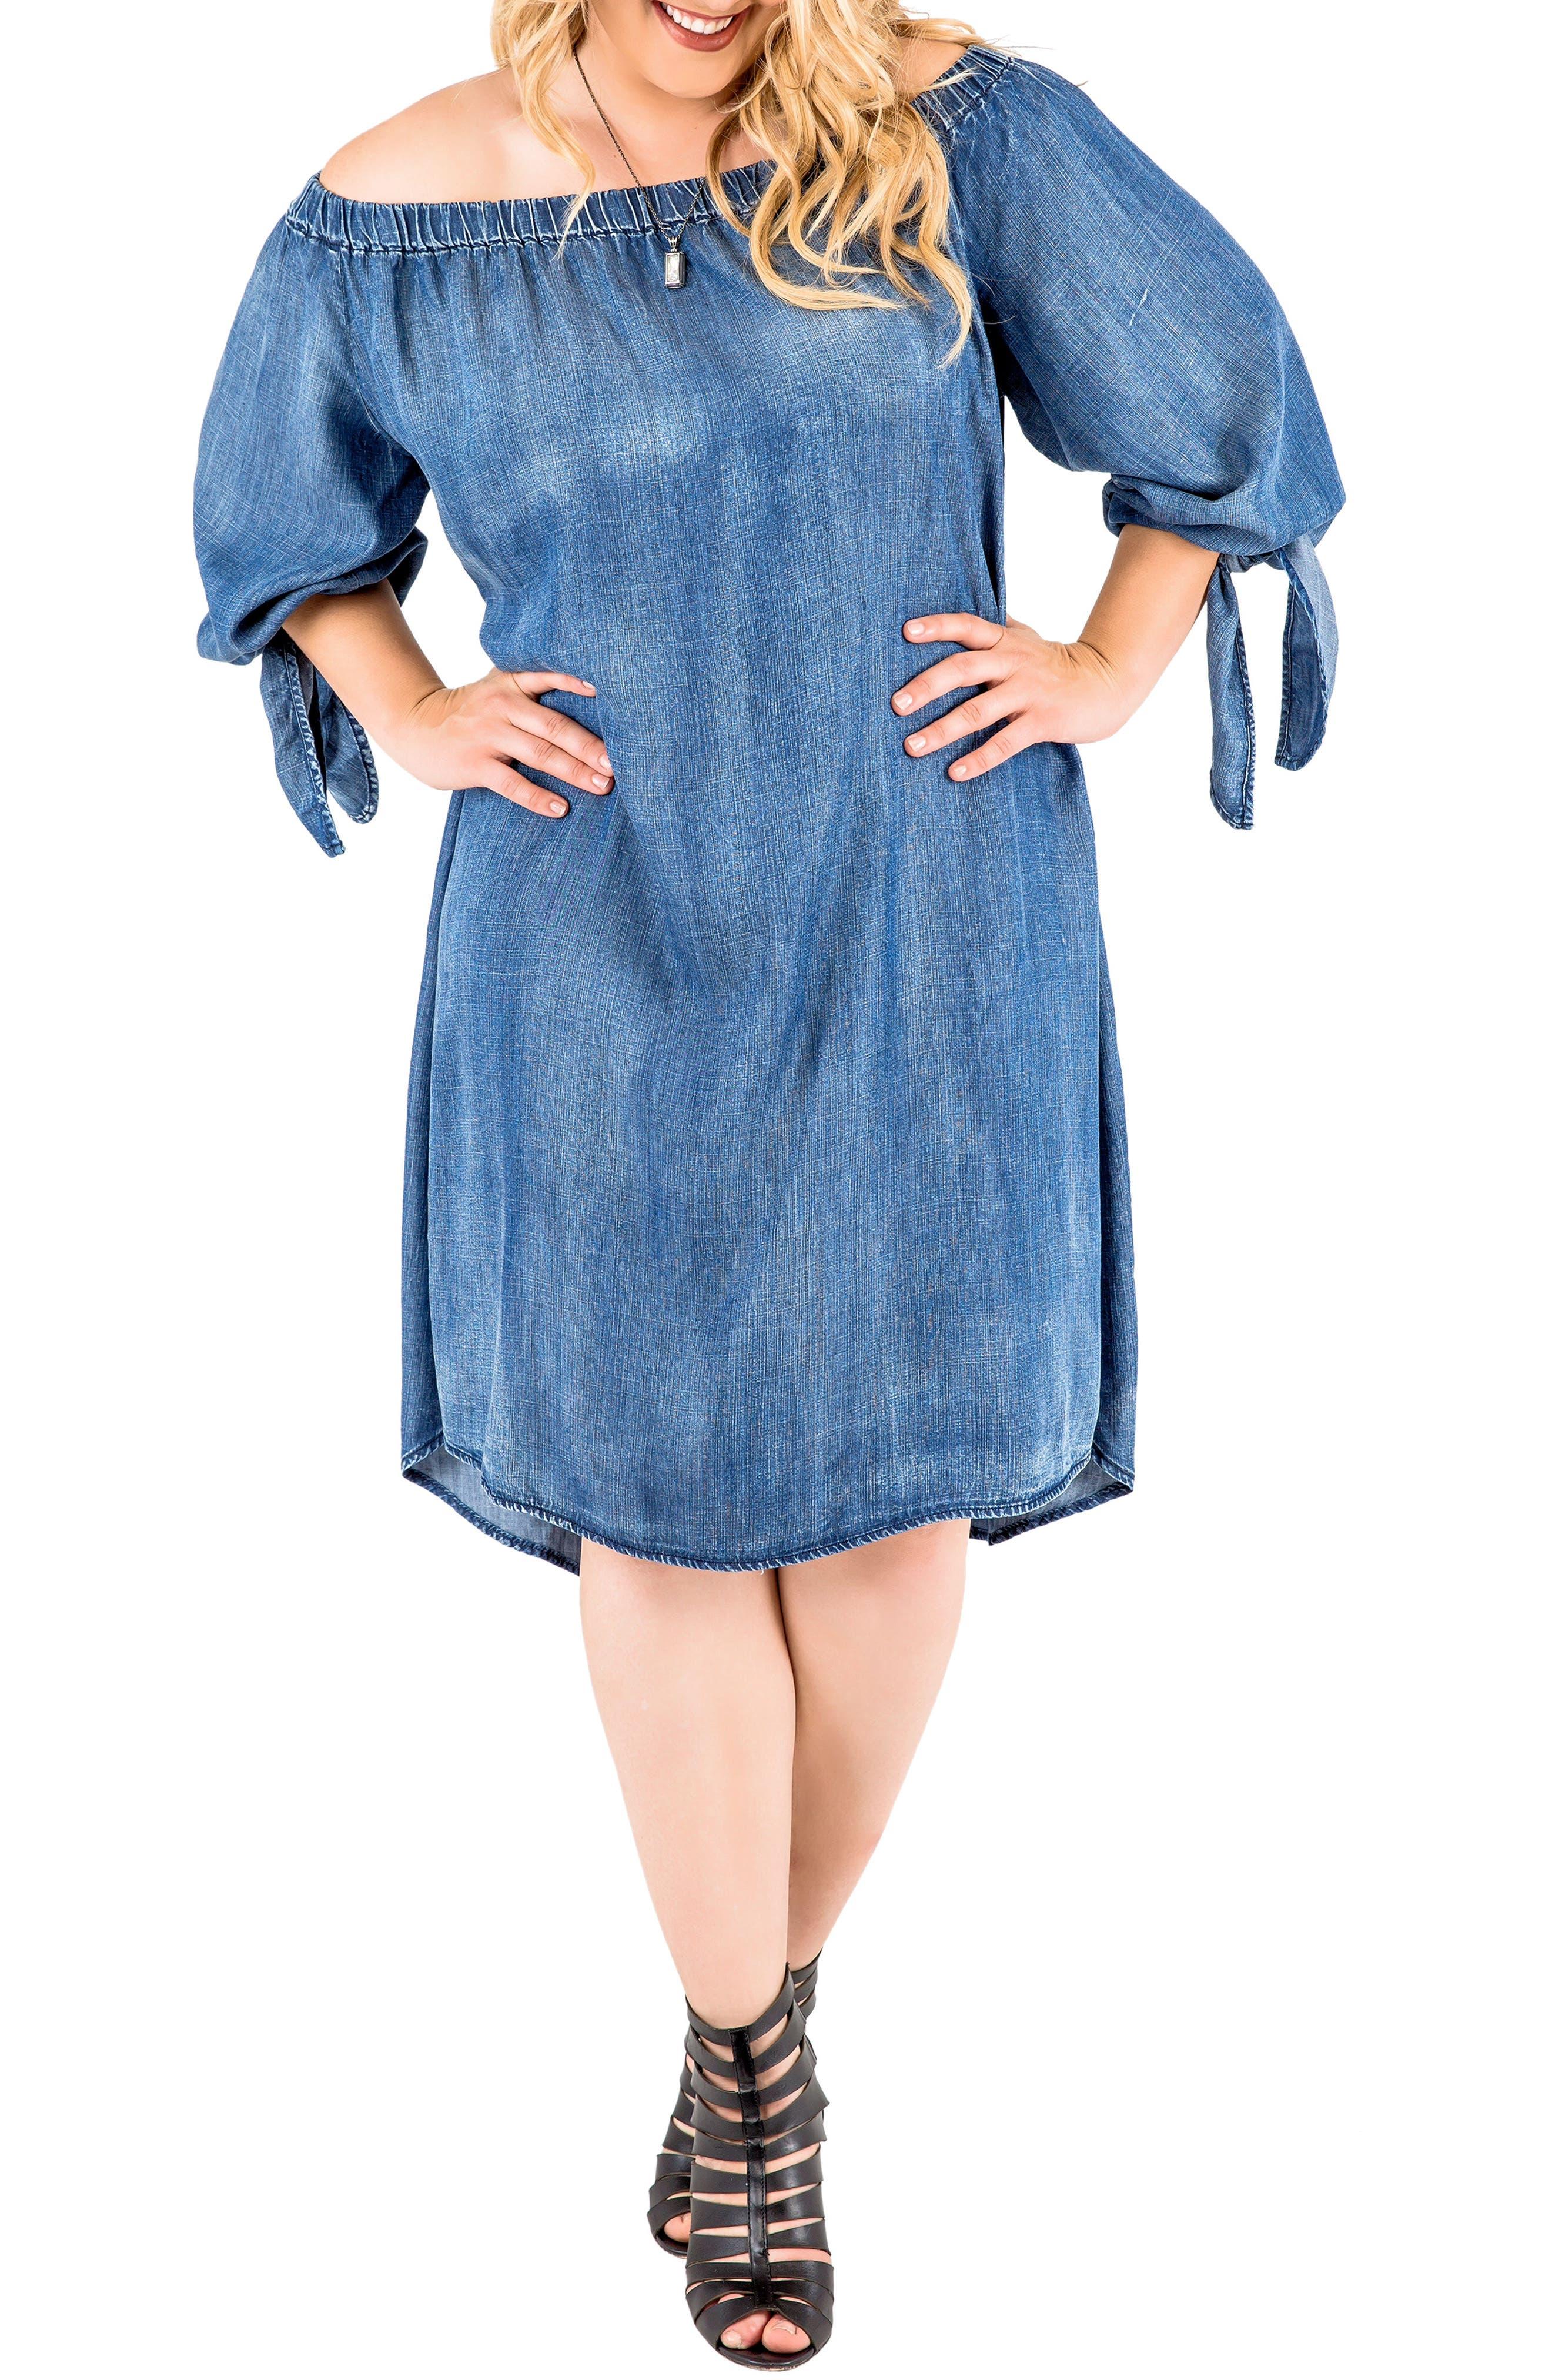 Main Image - Standards & Practices Julie Off the Shoulder Denim Dress (Plus Size)